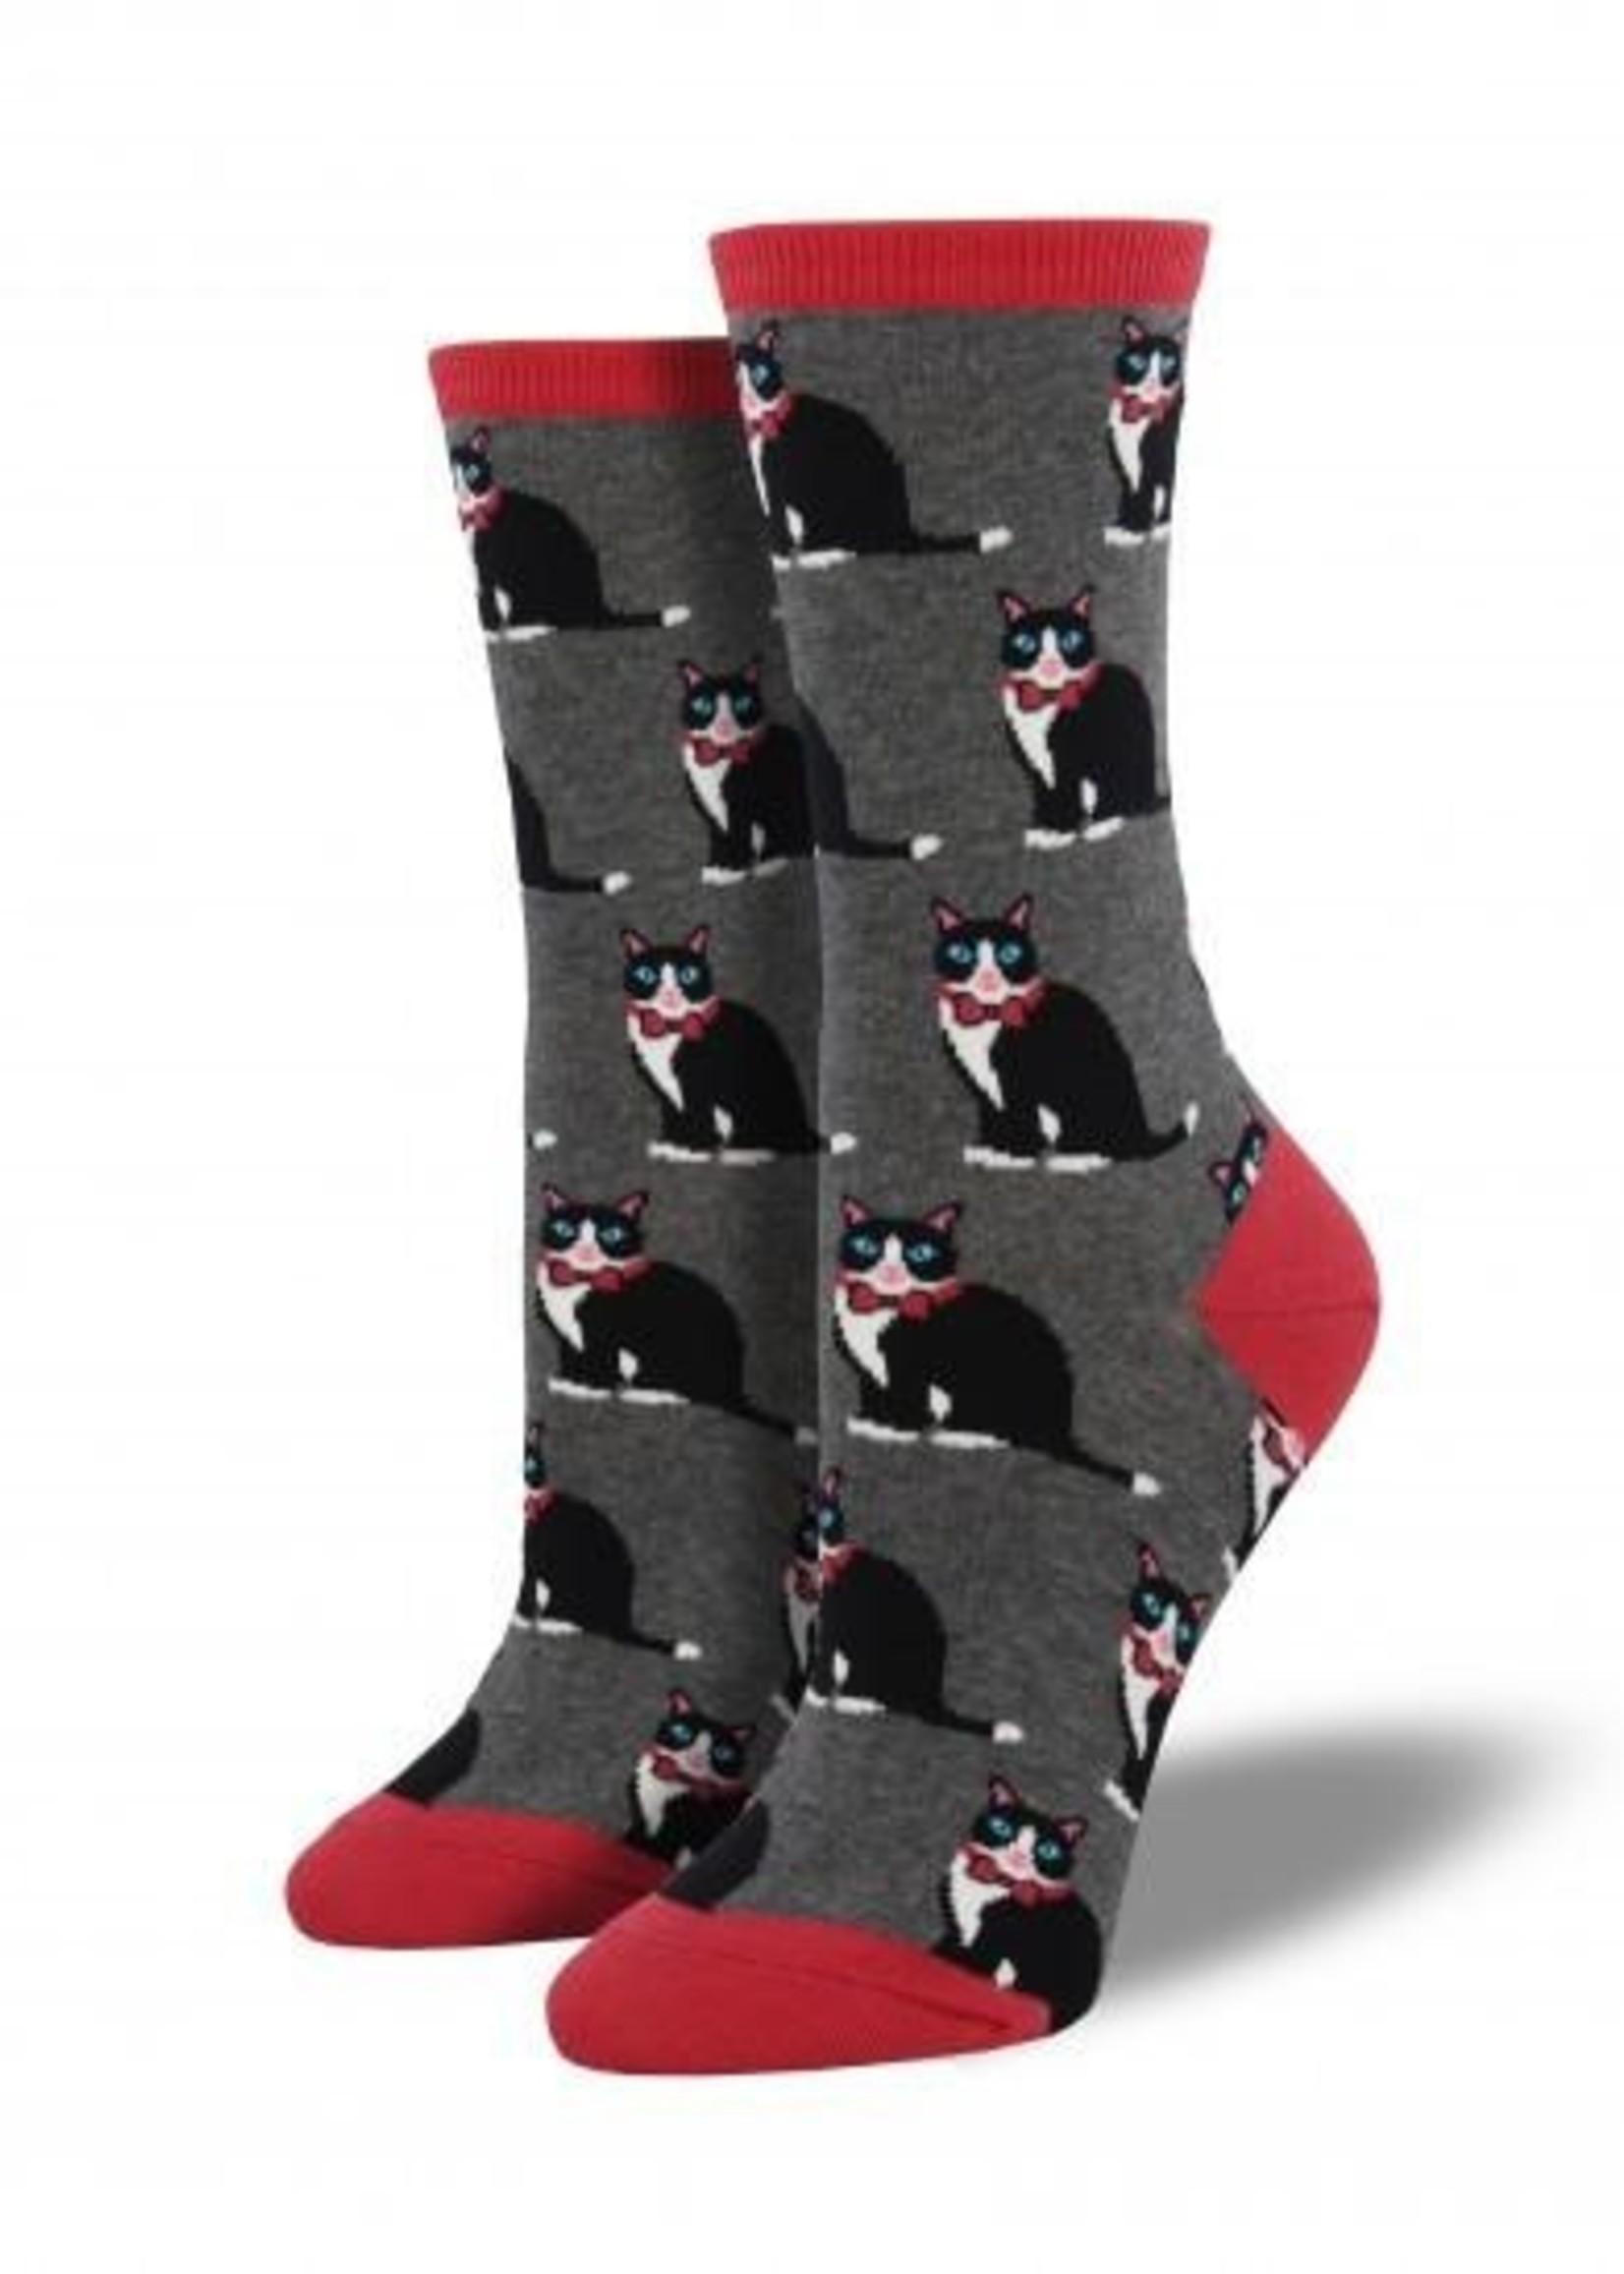 Socksmith Canada Inc WOMEN'S TUXEDO CATS SOCKS